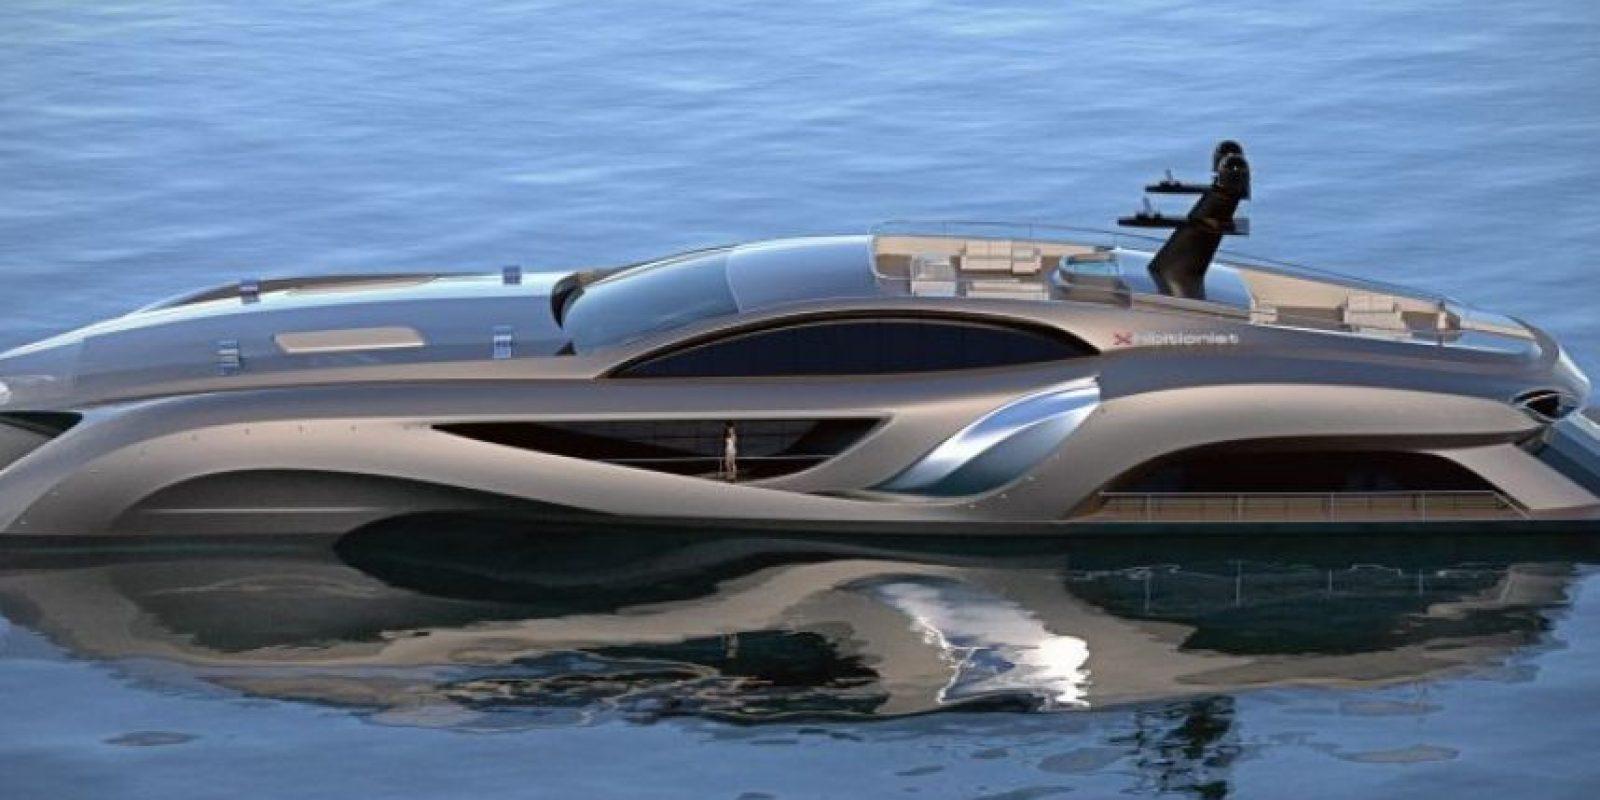 Fue diseñado por el suizo Eduard Gray y está valuado en dos y medio millones de dólares. Foto:Graydesign.se